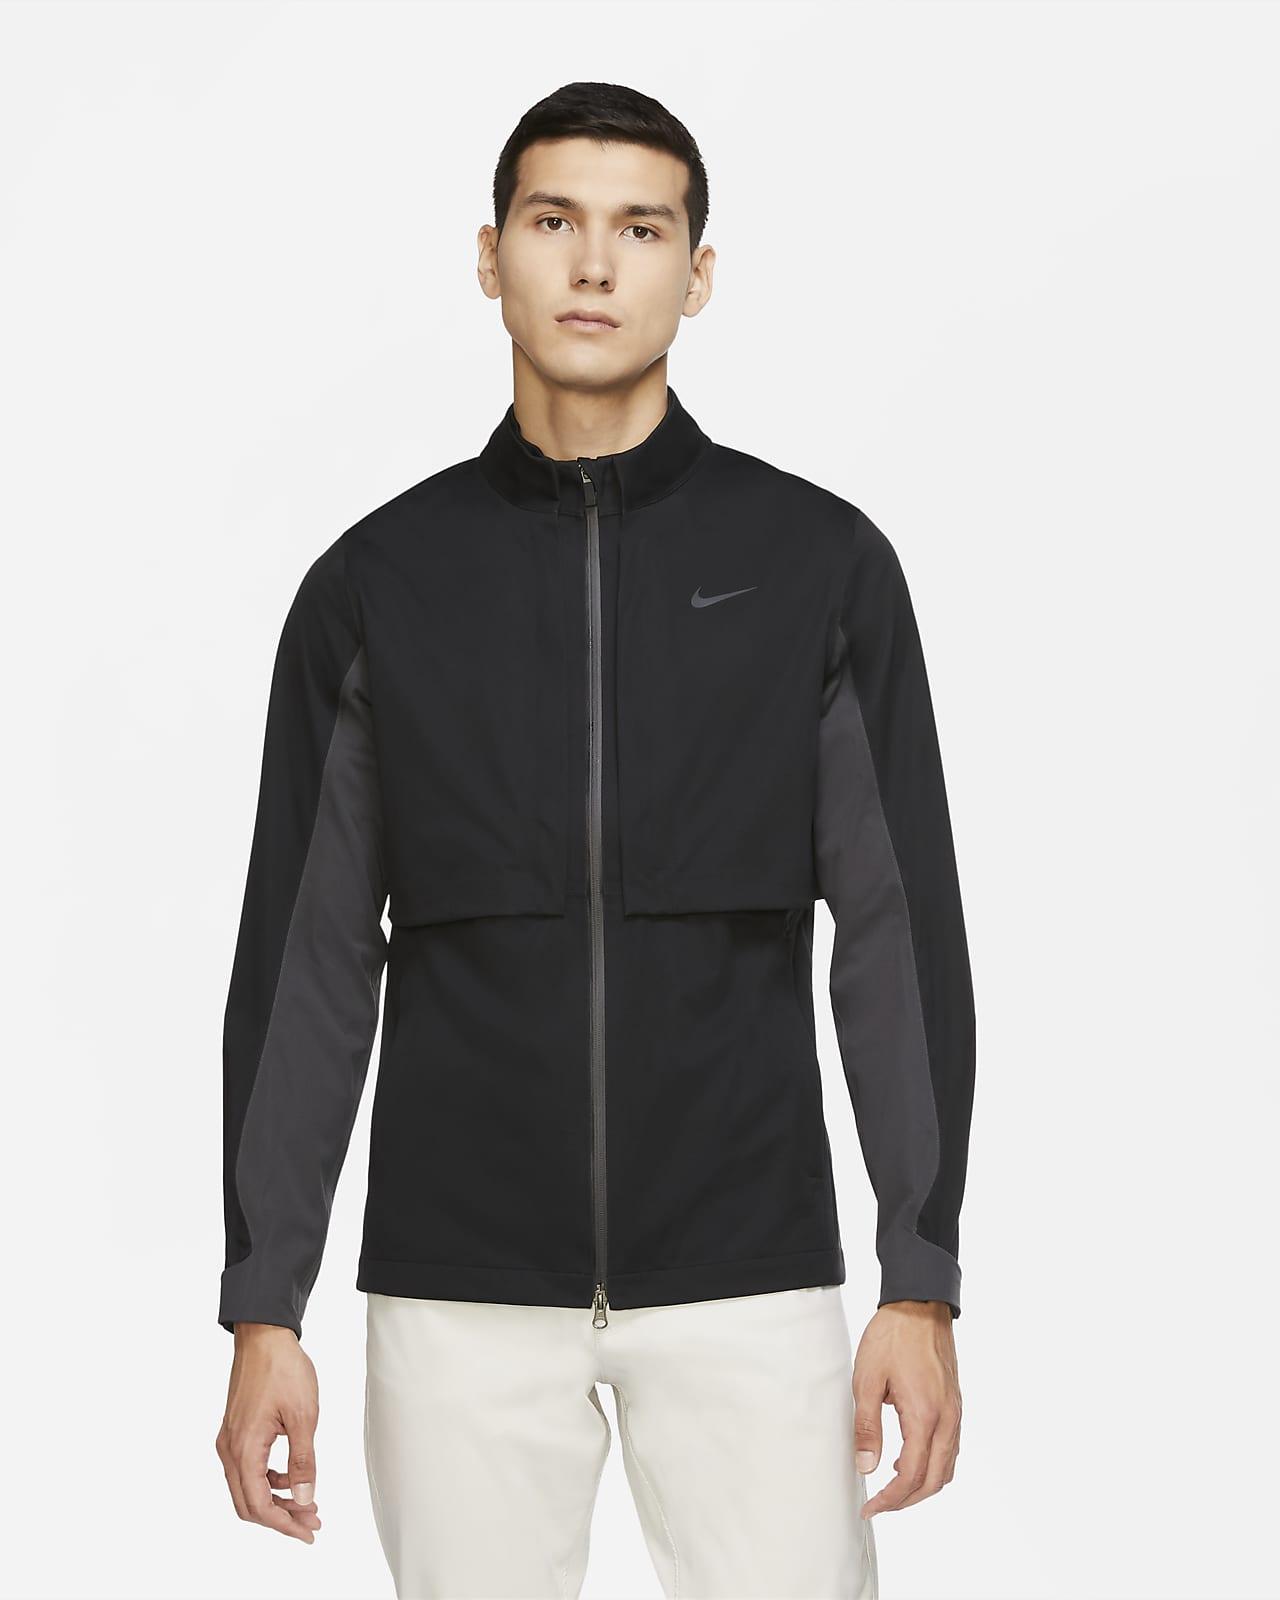 Anpassningsbar golfjacka Nike HyperShield Rapid Adapt för män